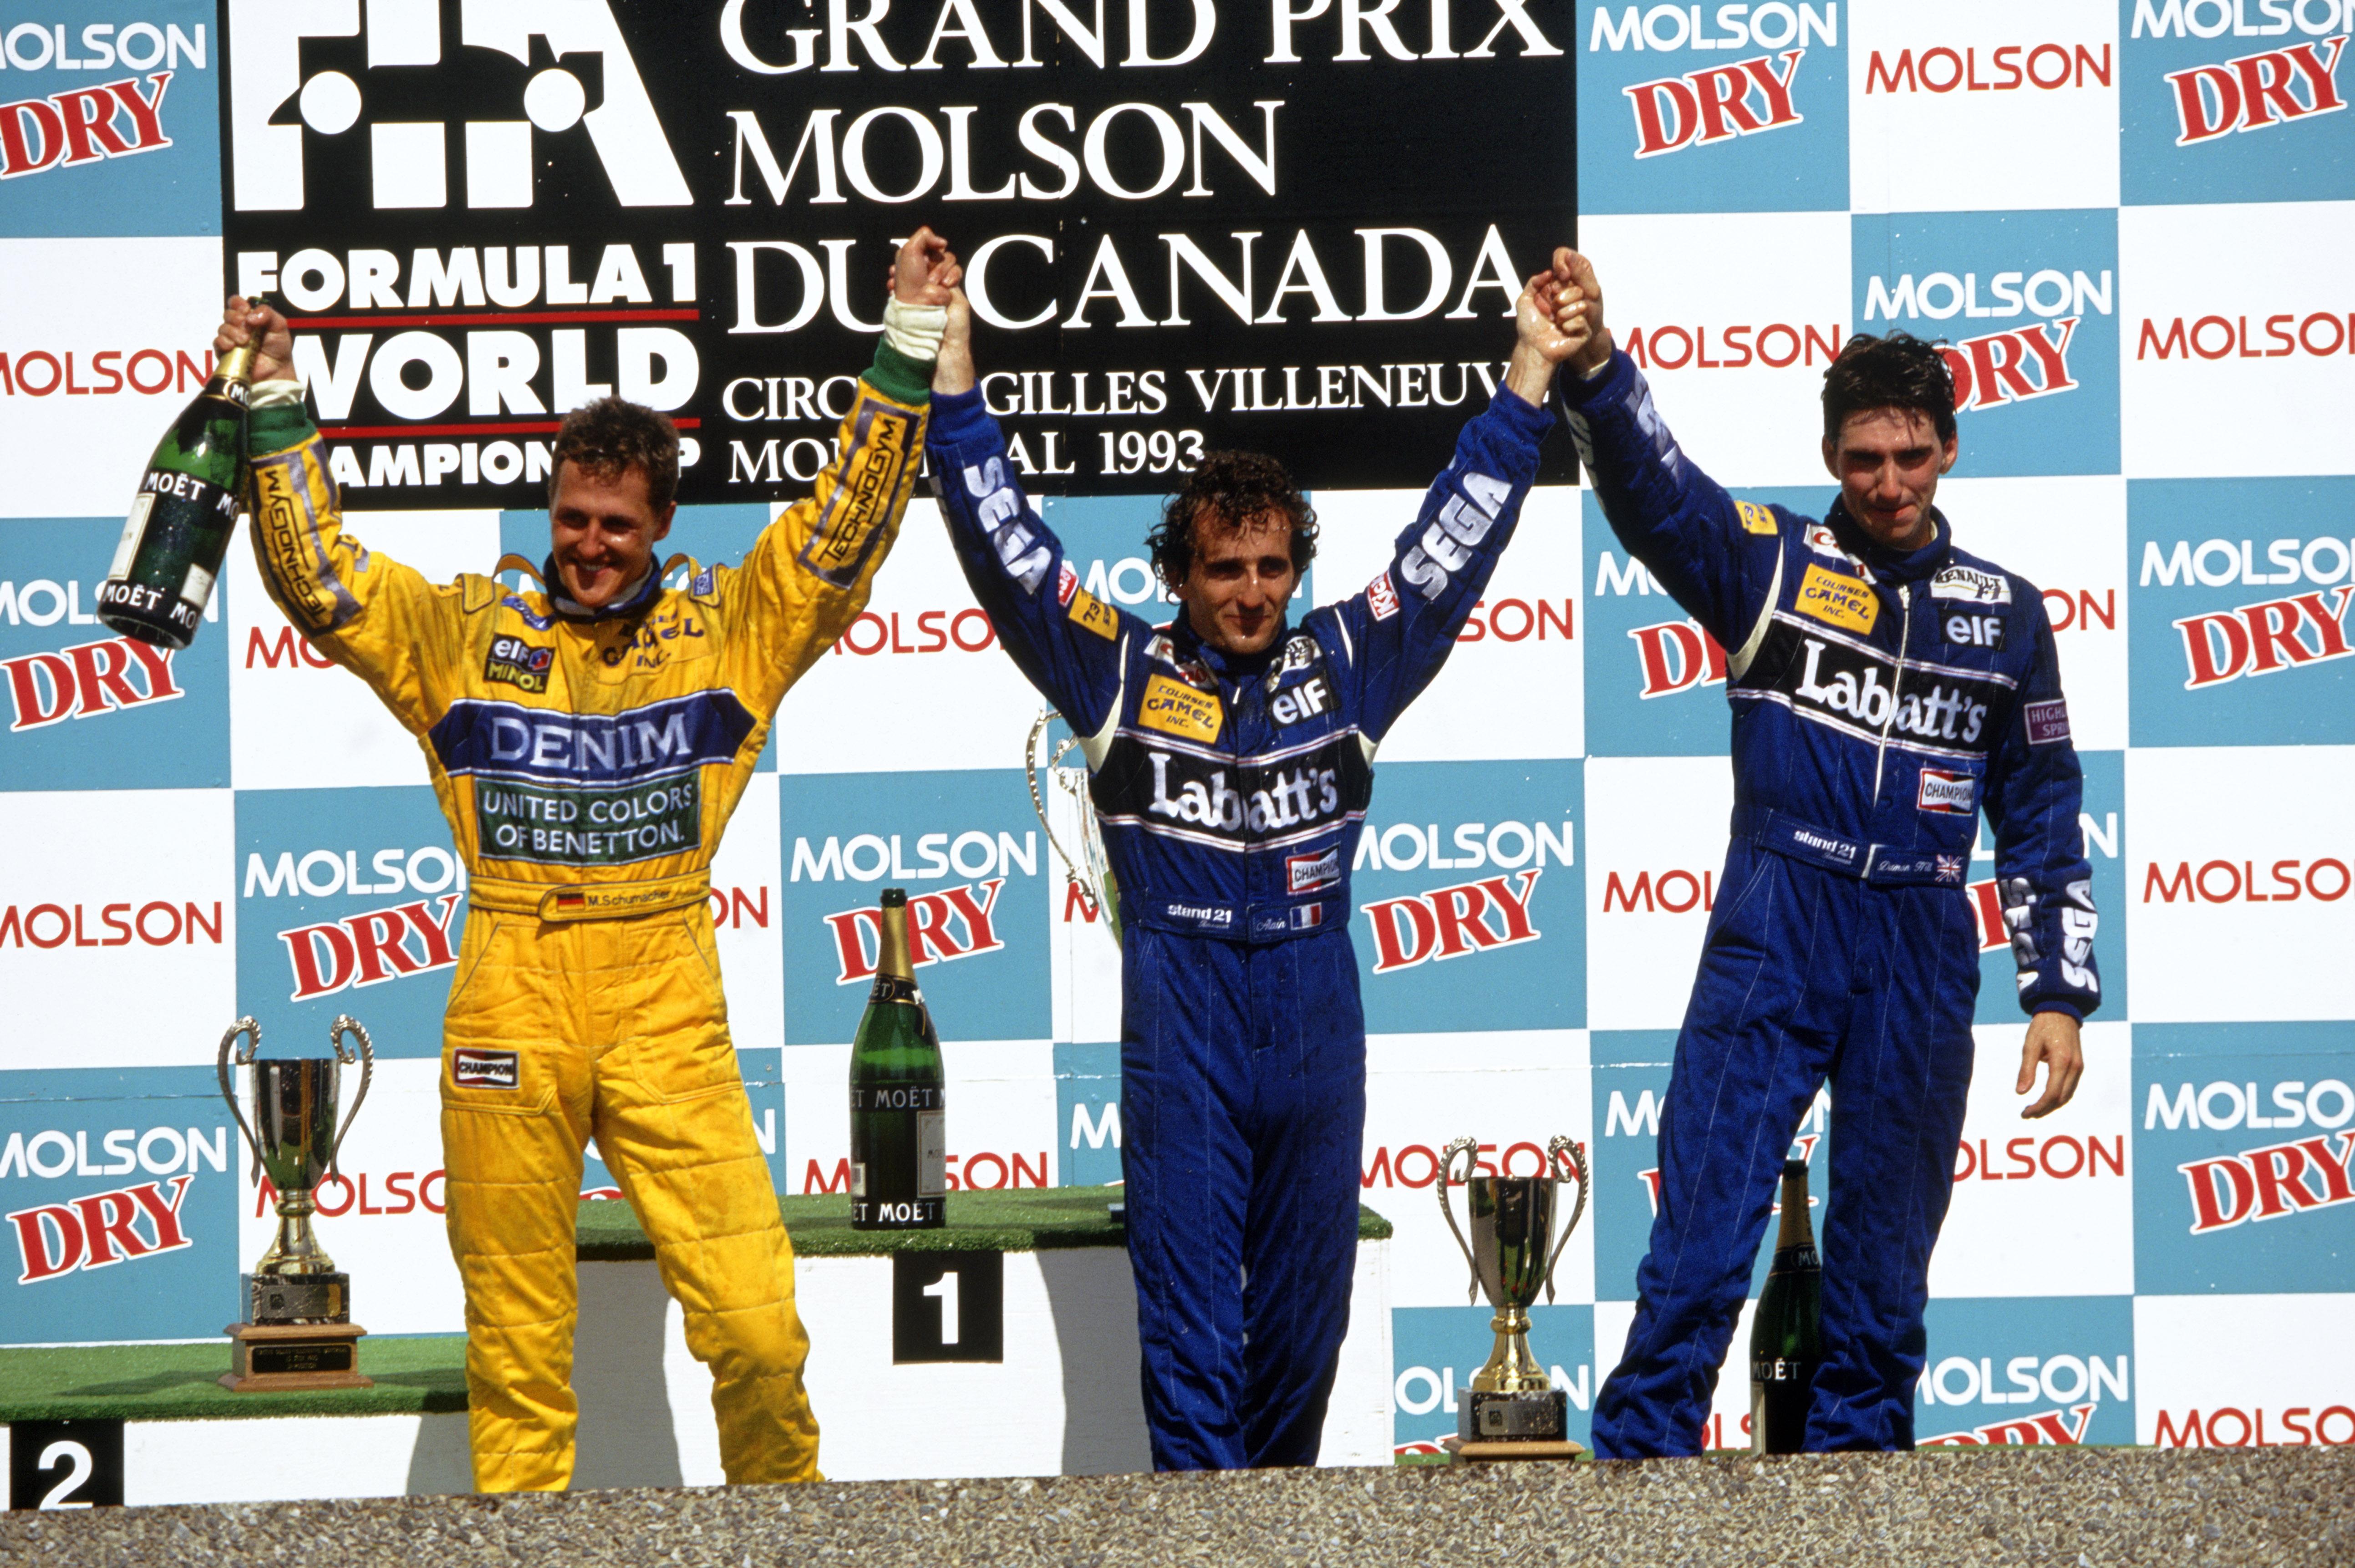 Prost ble vant med å stå øverst på seierspallen. Her har han slått Michael Schumacher og Damon Hill i Canada GP 1993. Foto: Williams